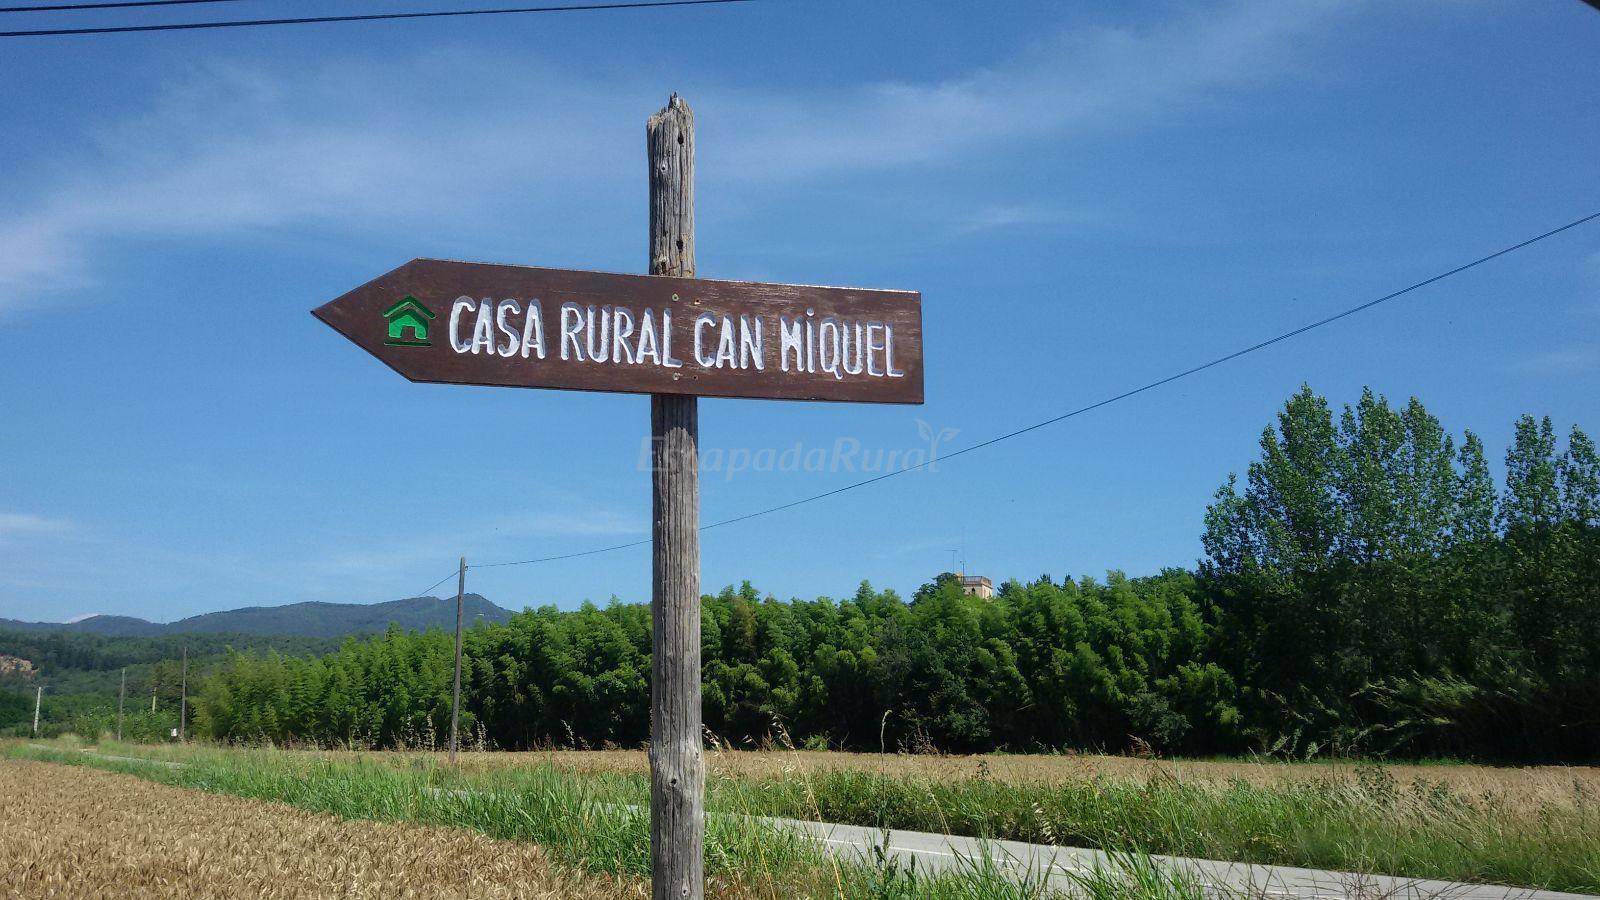 Fotos de casa rural can miquel casa rural en santa - Can caponet casa rural ...